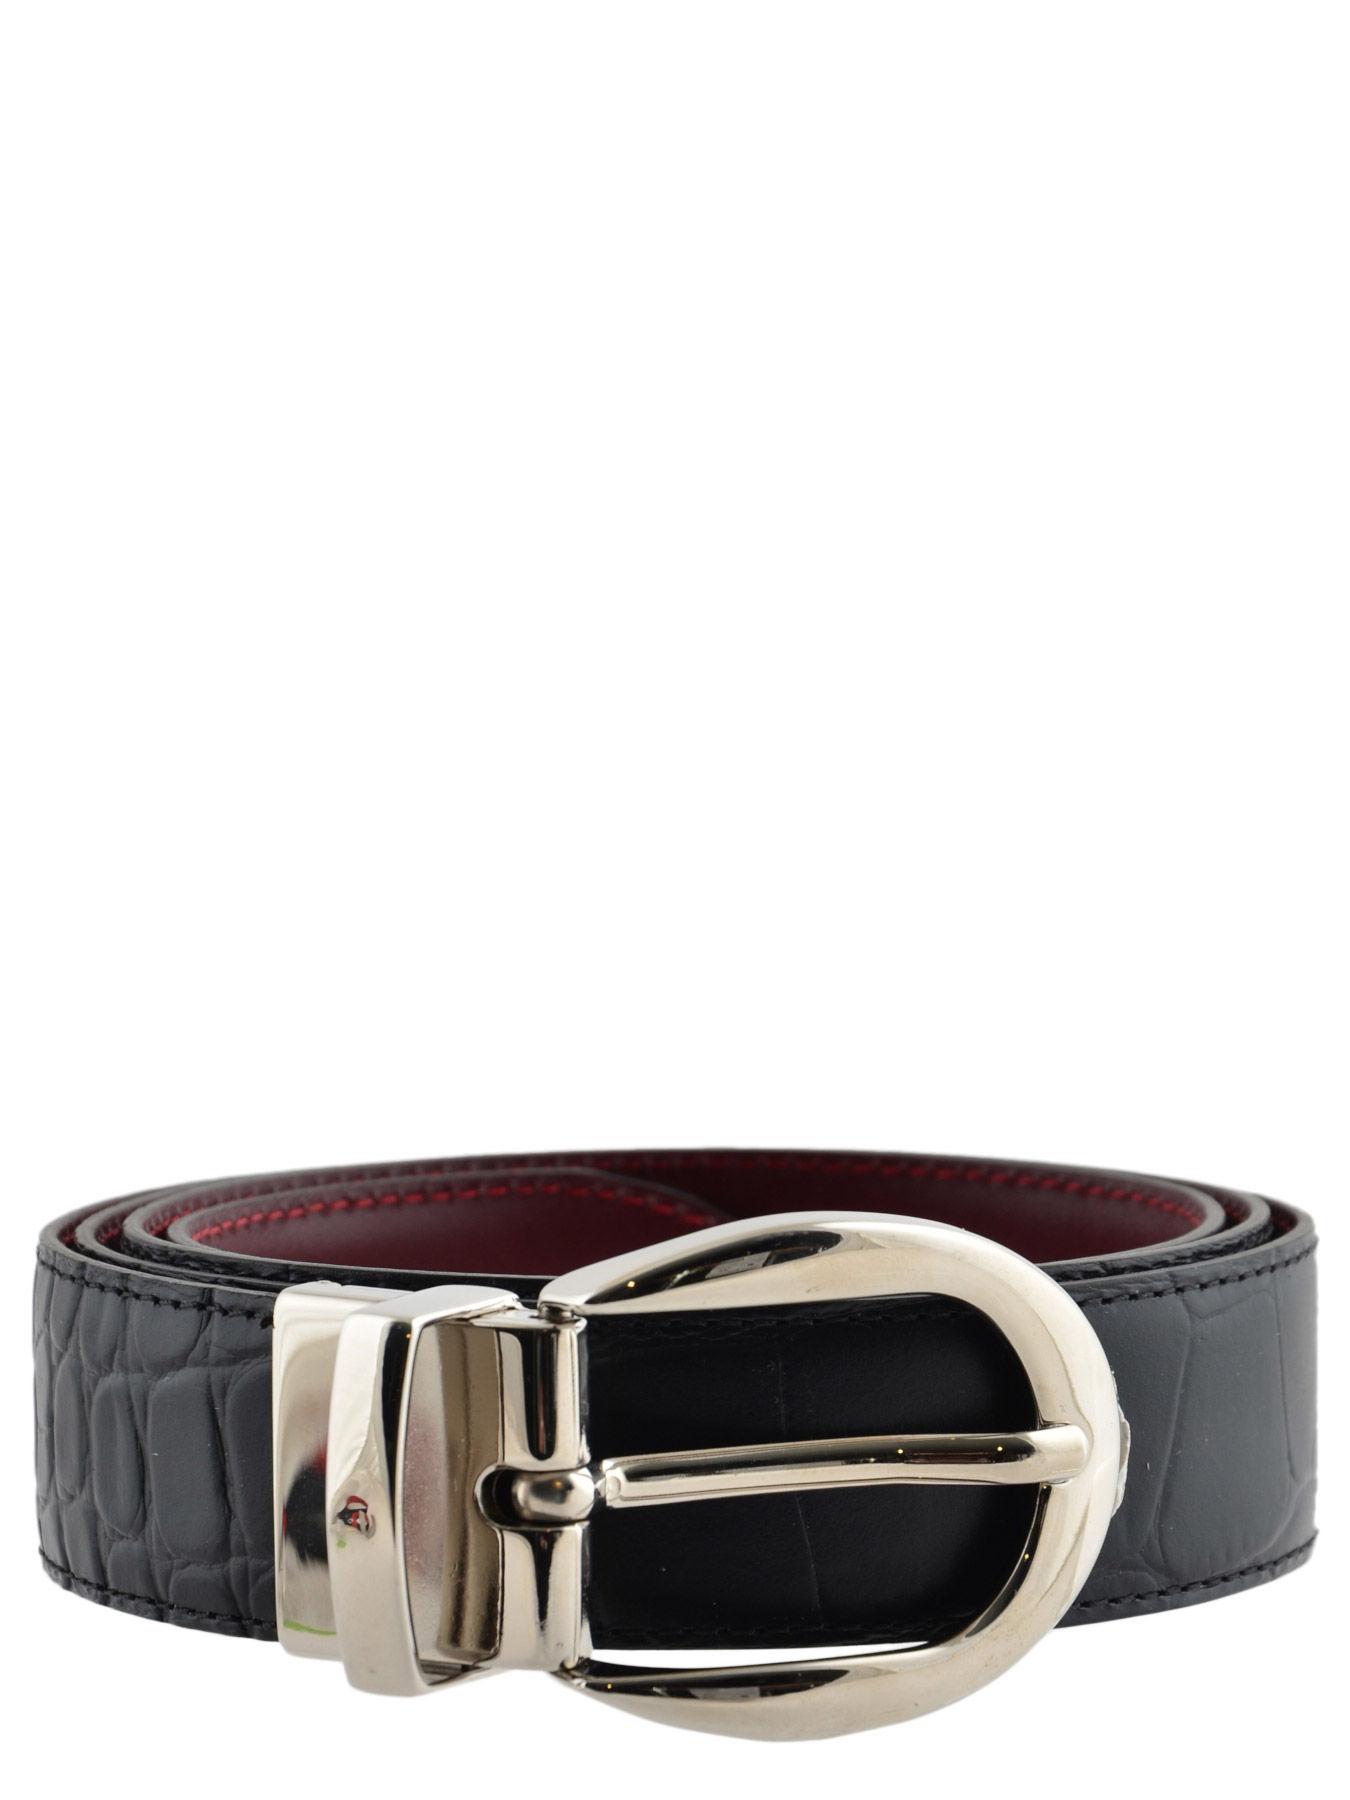 ceinture femme longchamp,ceinture femme longchamp rouge dd32a7ffd13